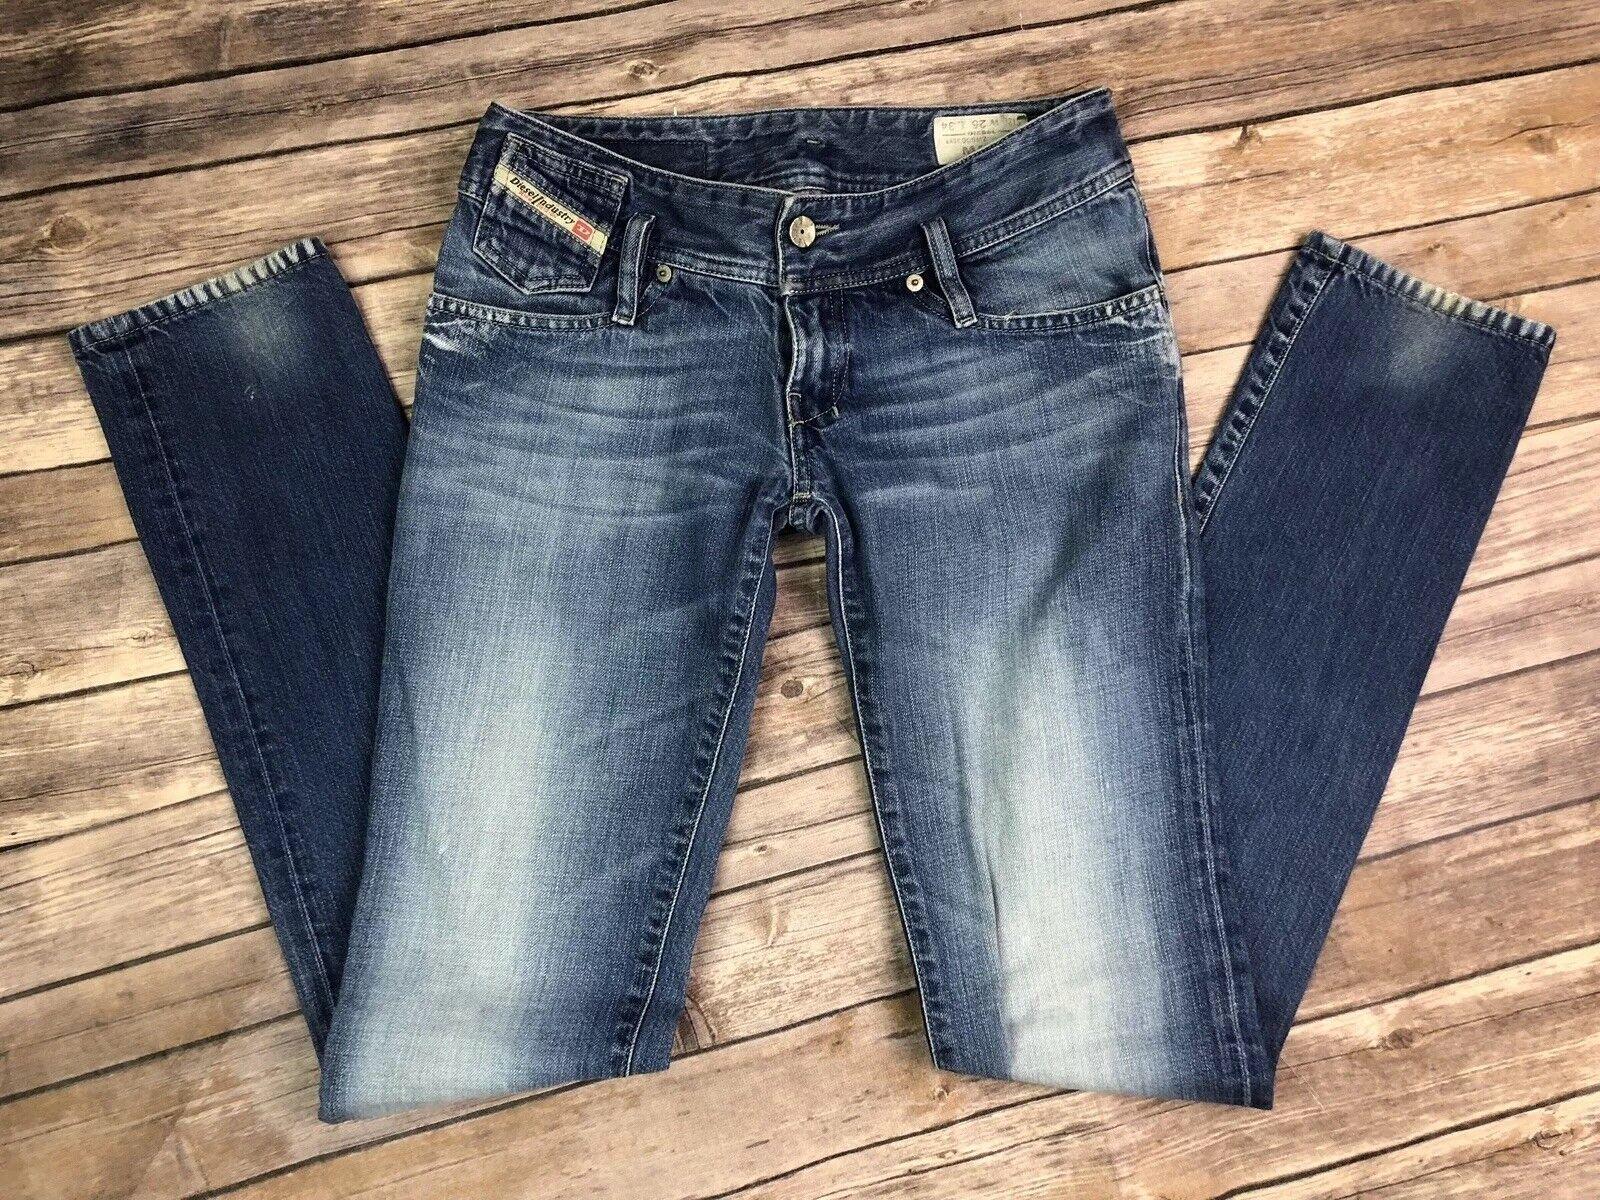 225 Diesel Matic Slim Tapered Women's 25 Slim bluee Skinny Straight Low Jeans